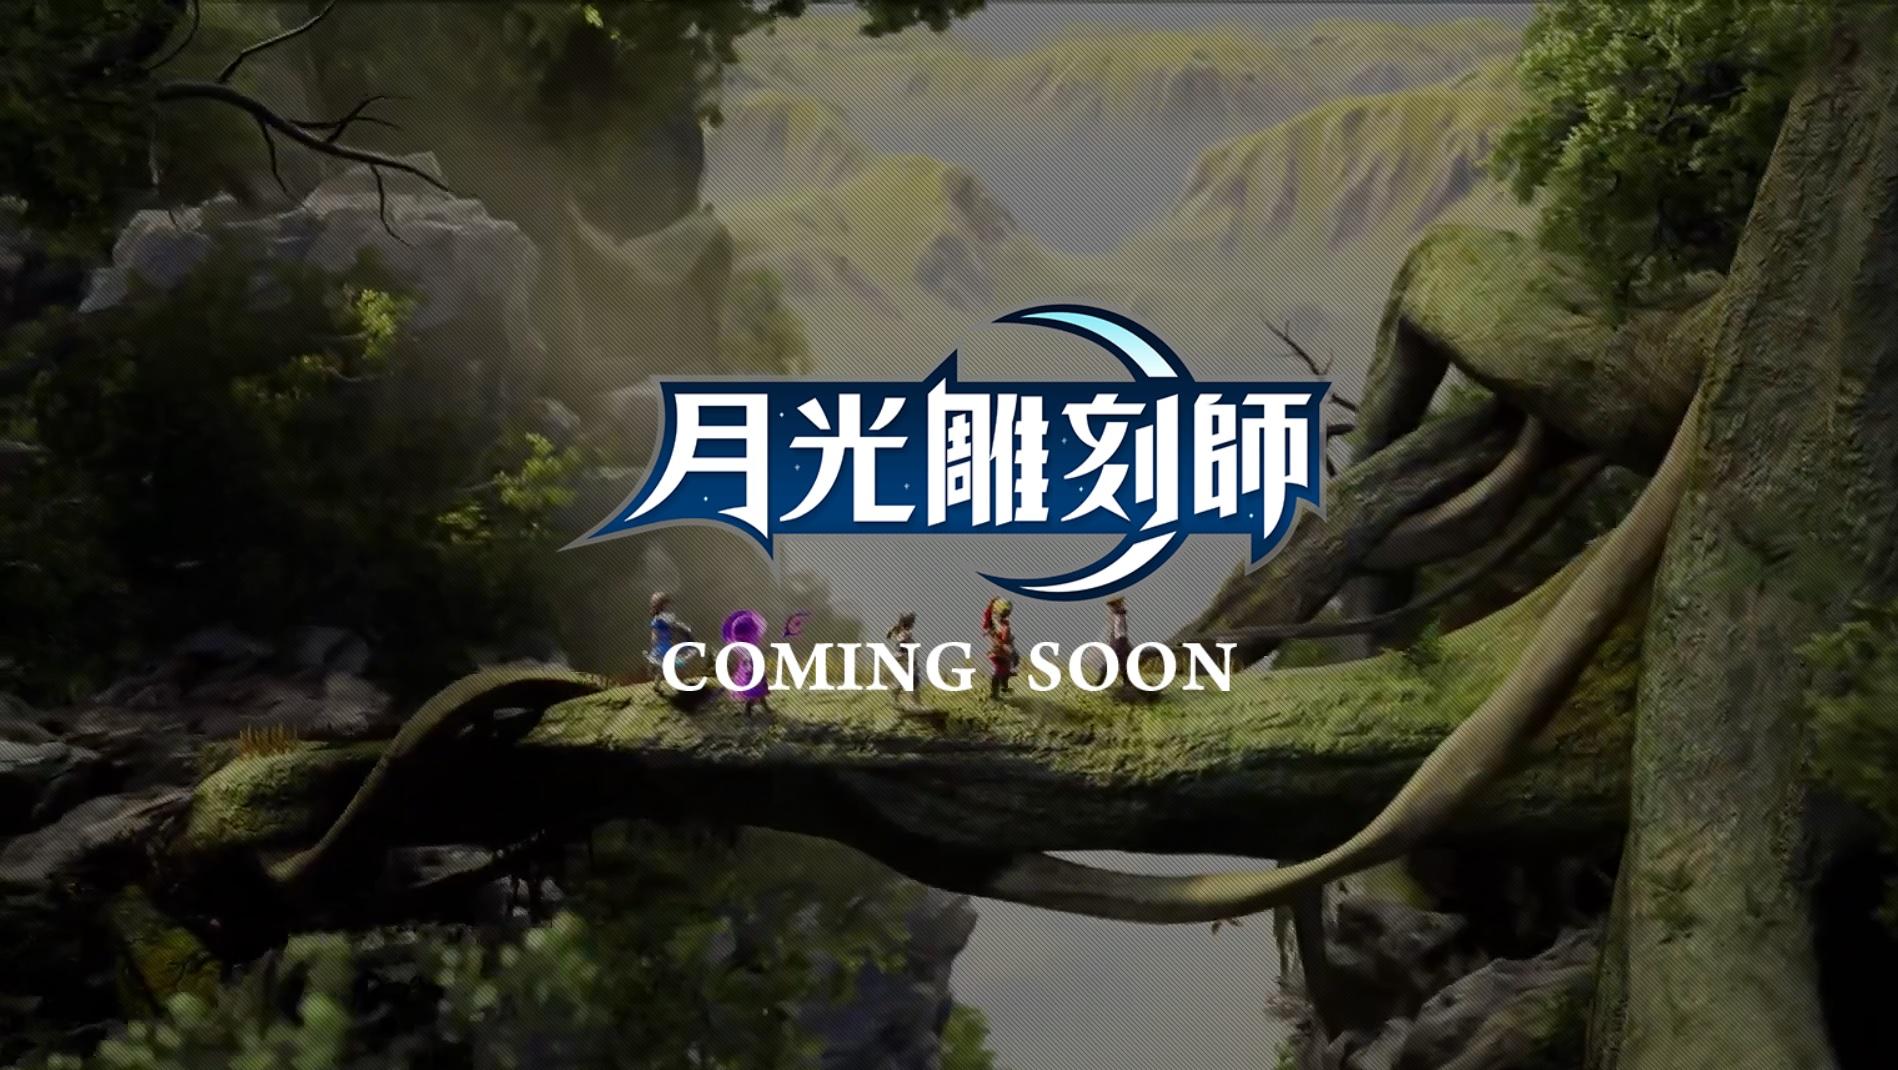 《月光雕刻師》的繁體中文繁體中文版本預計於2020年下半年正式推出